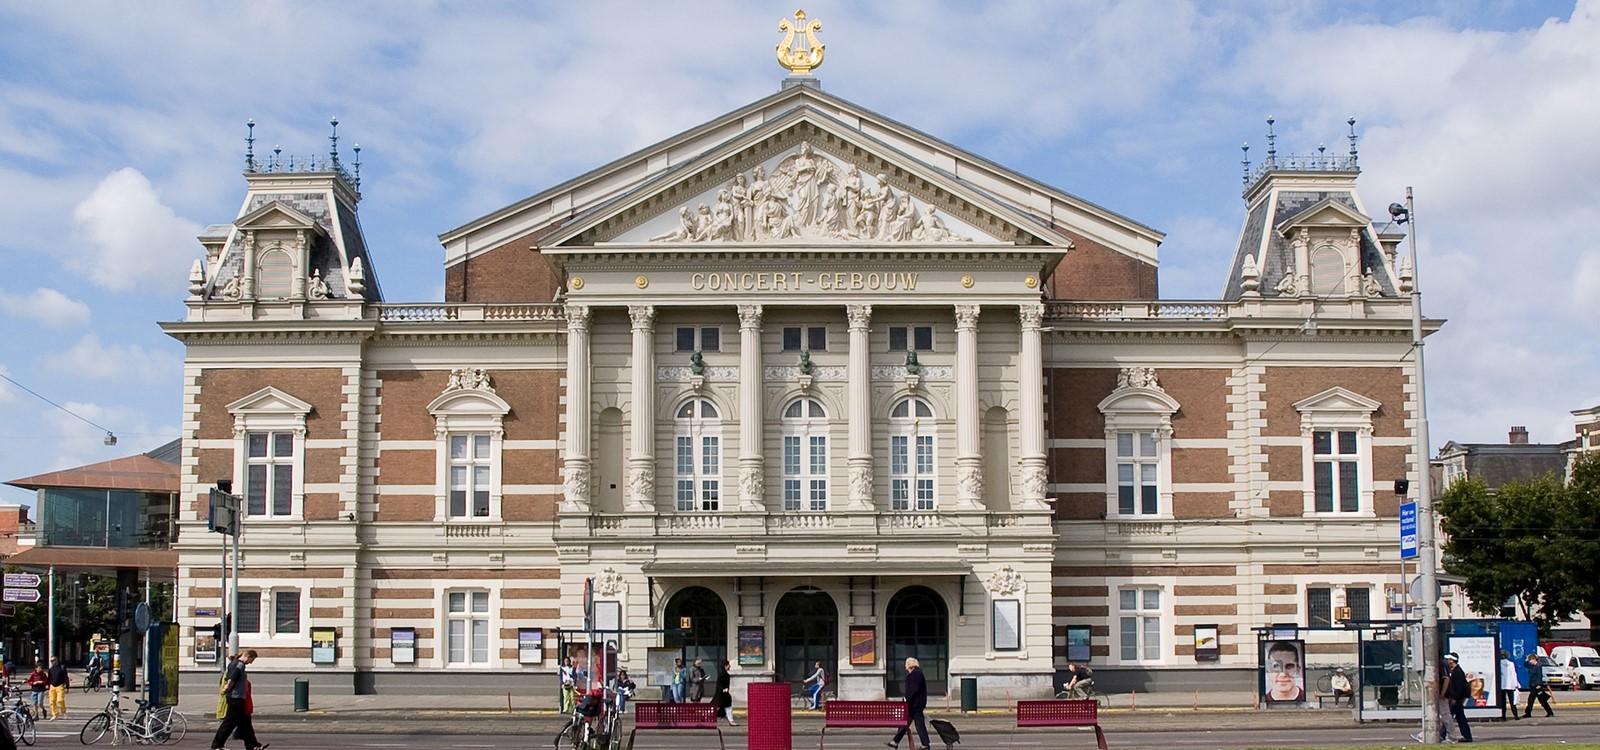 The Royal Concertgebouw by Adolf Leonard van Gendt: Most visited Concert Hall - Sheet1